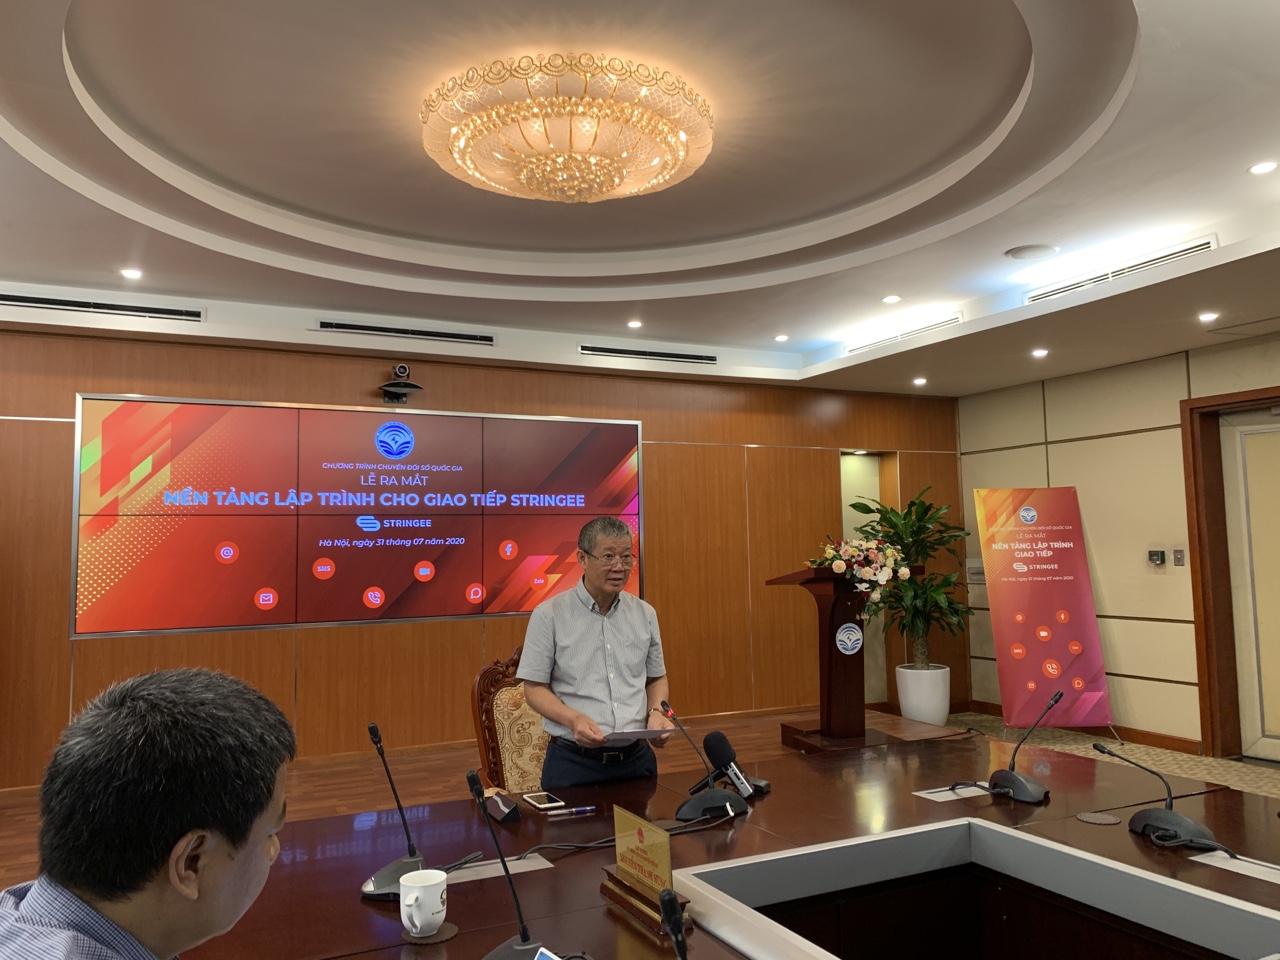 Thứ trưởng Nguyễn Thành Hưng phát biểu tại sự kiện. Ảnh: BN